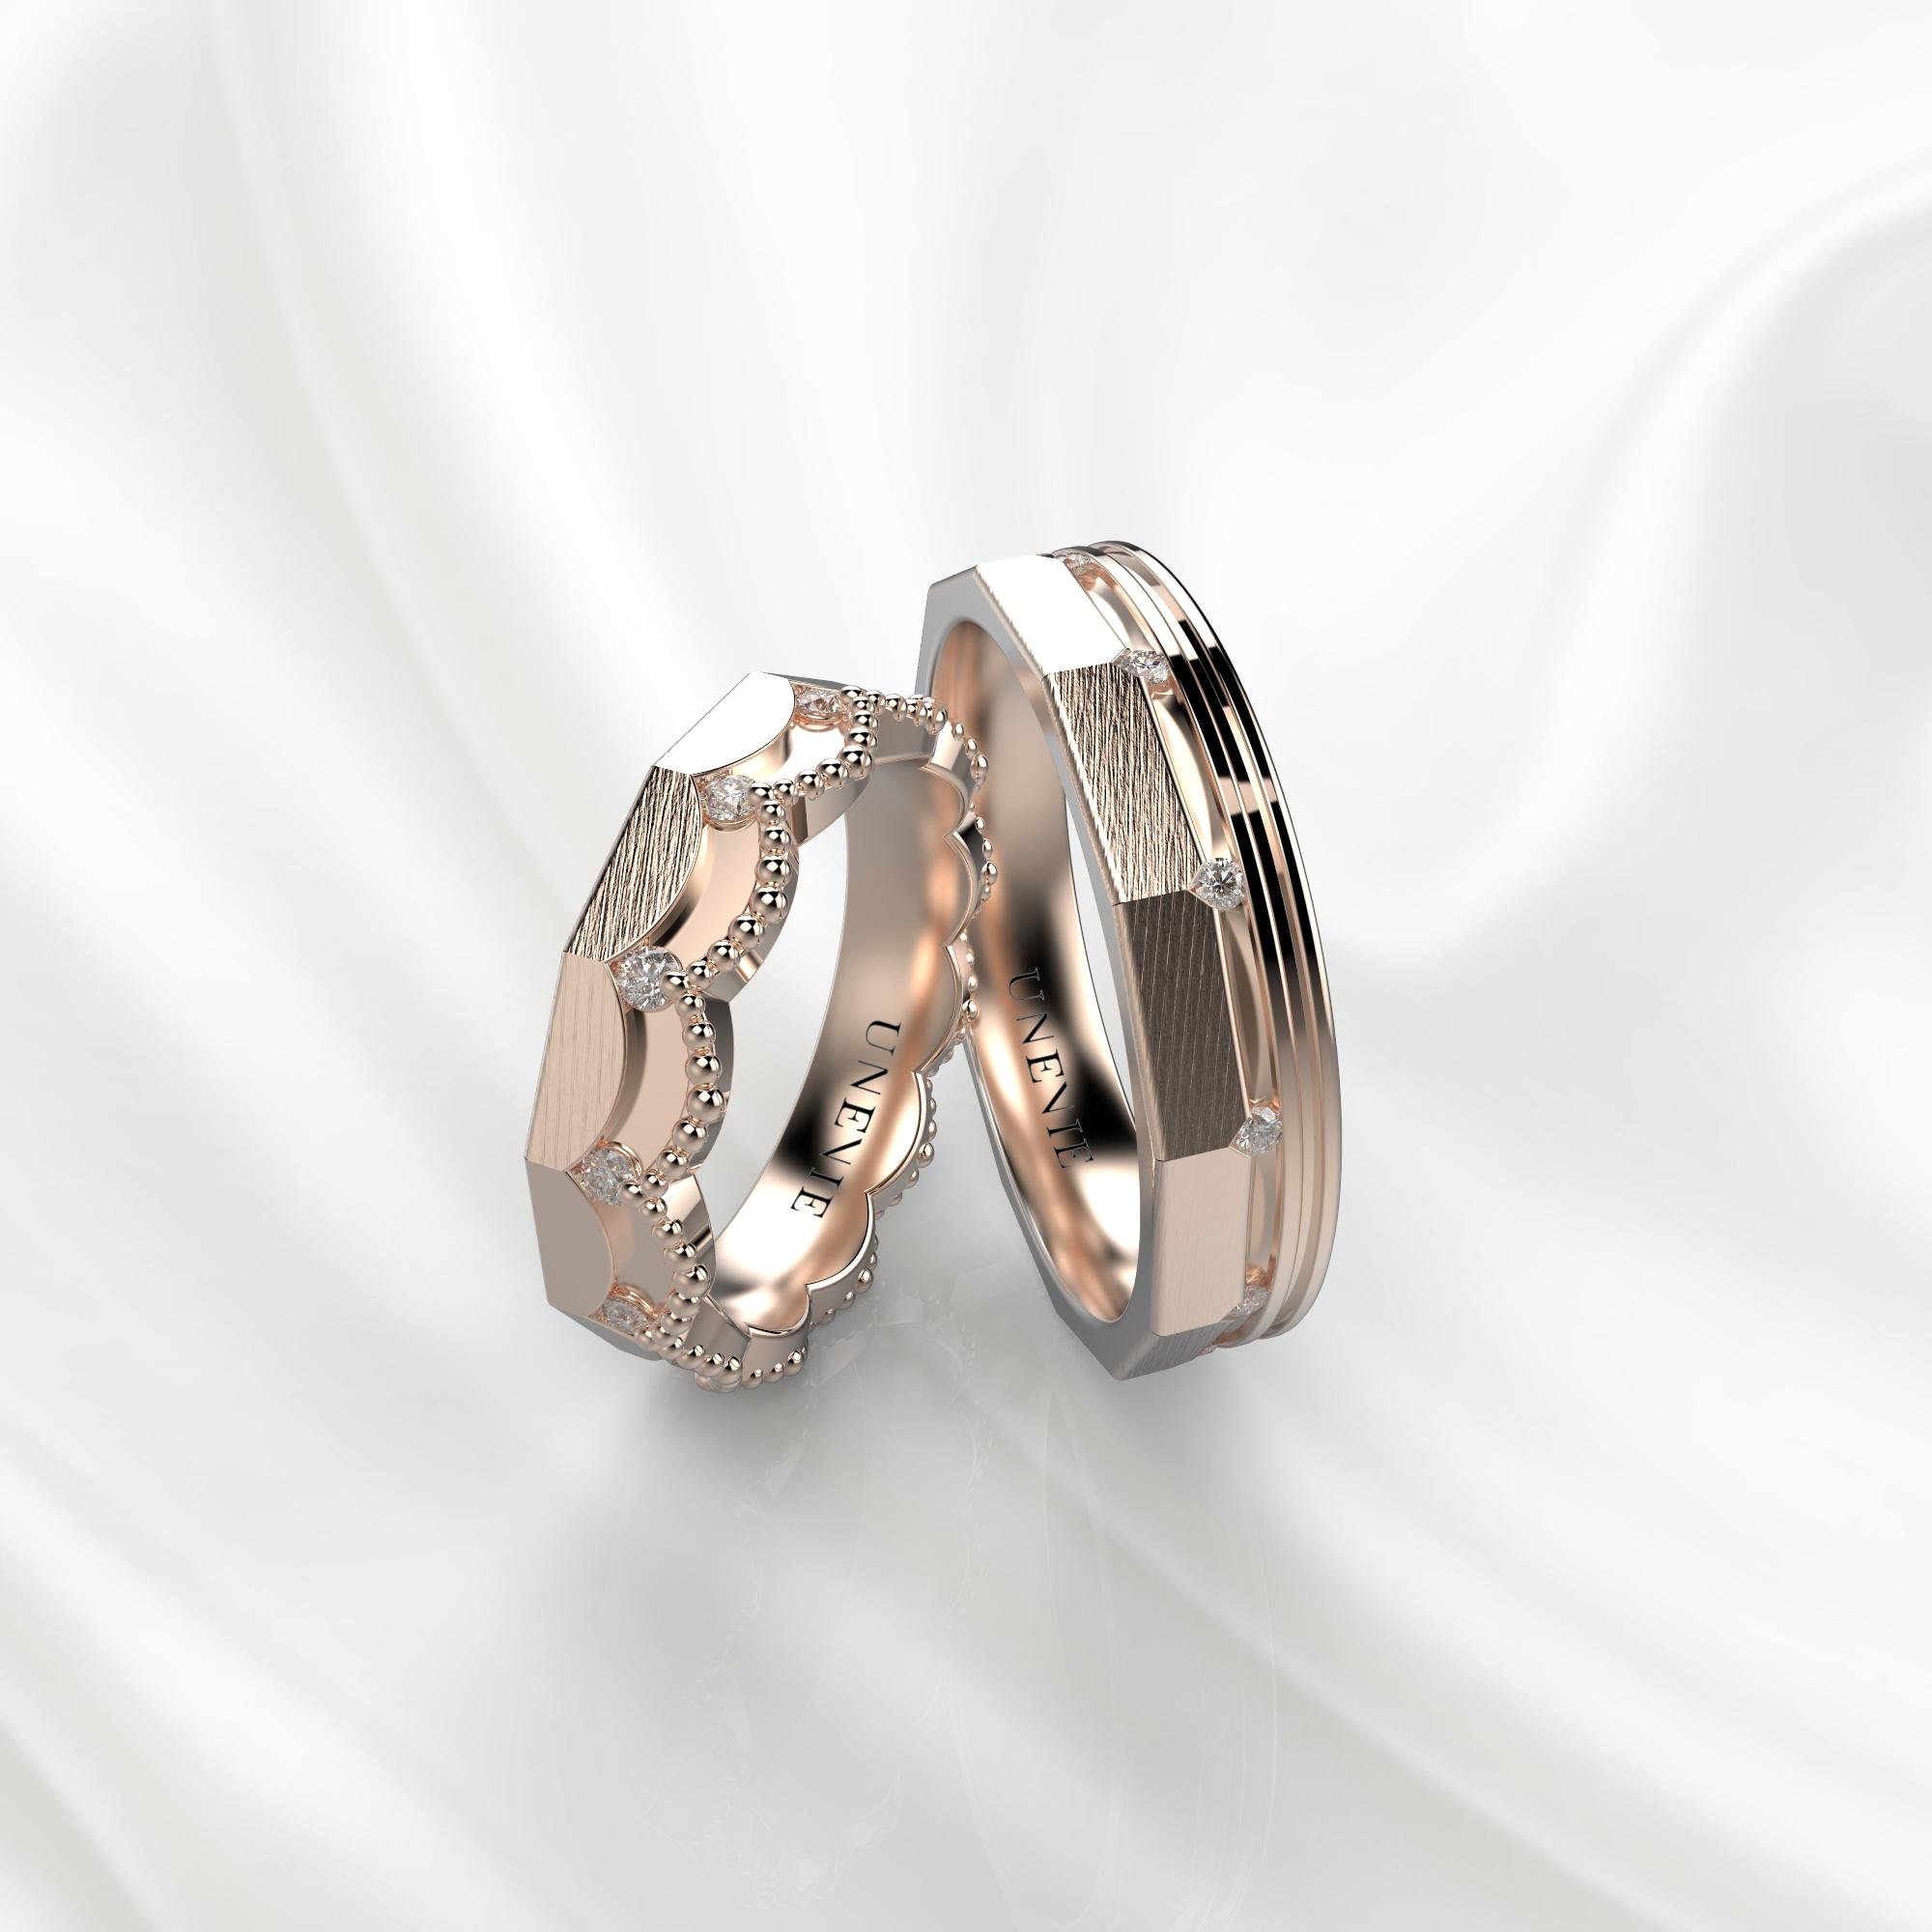 NV45 Парные обручальные кольца из розового золота с бриллиантами